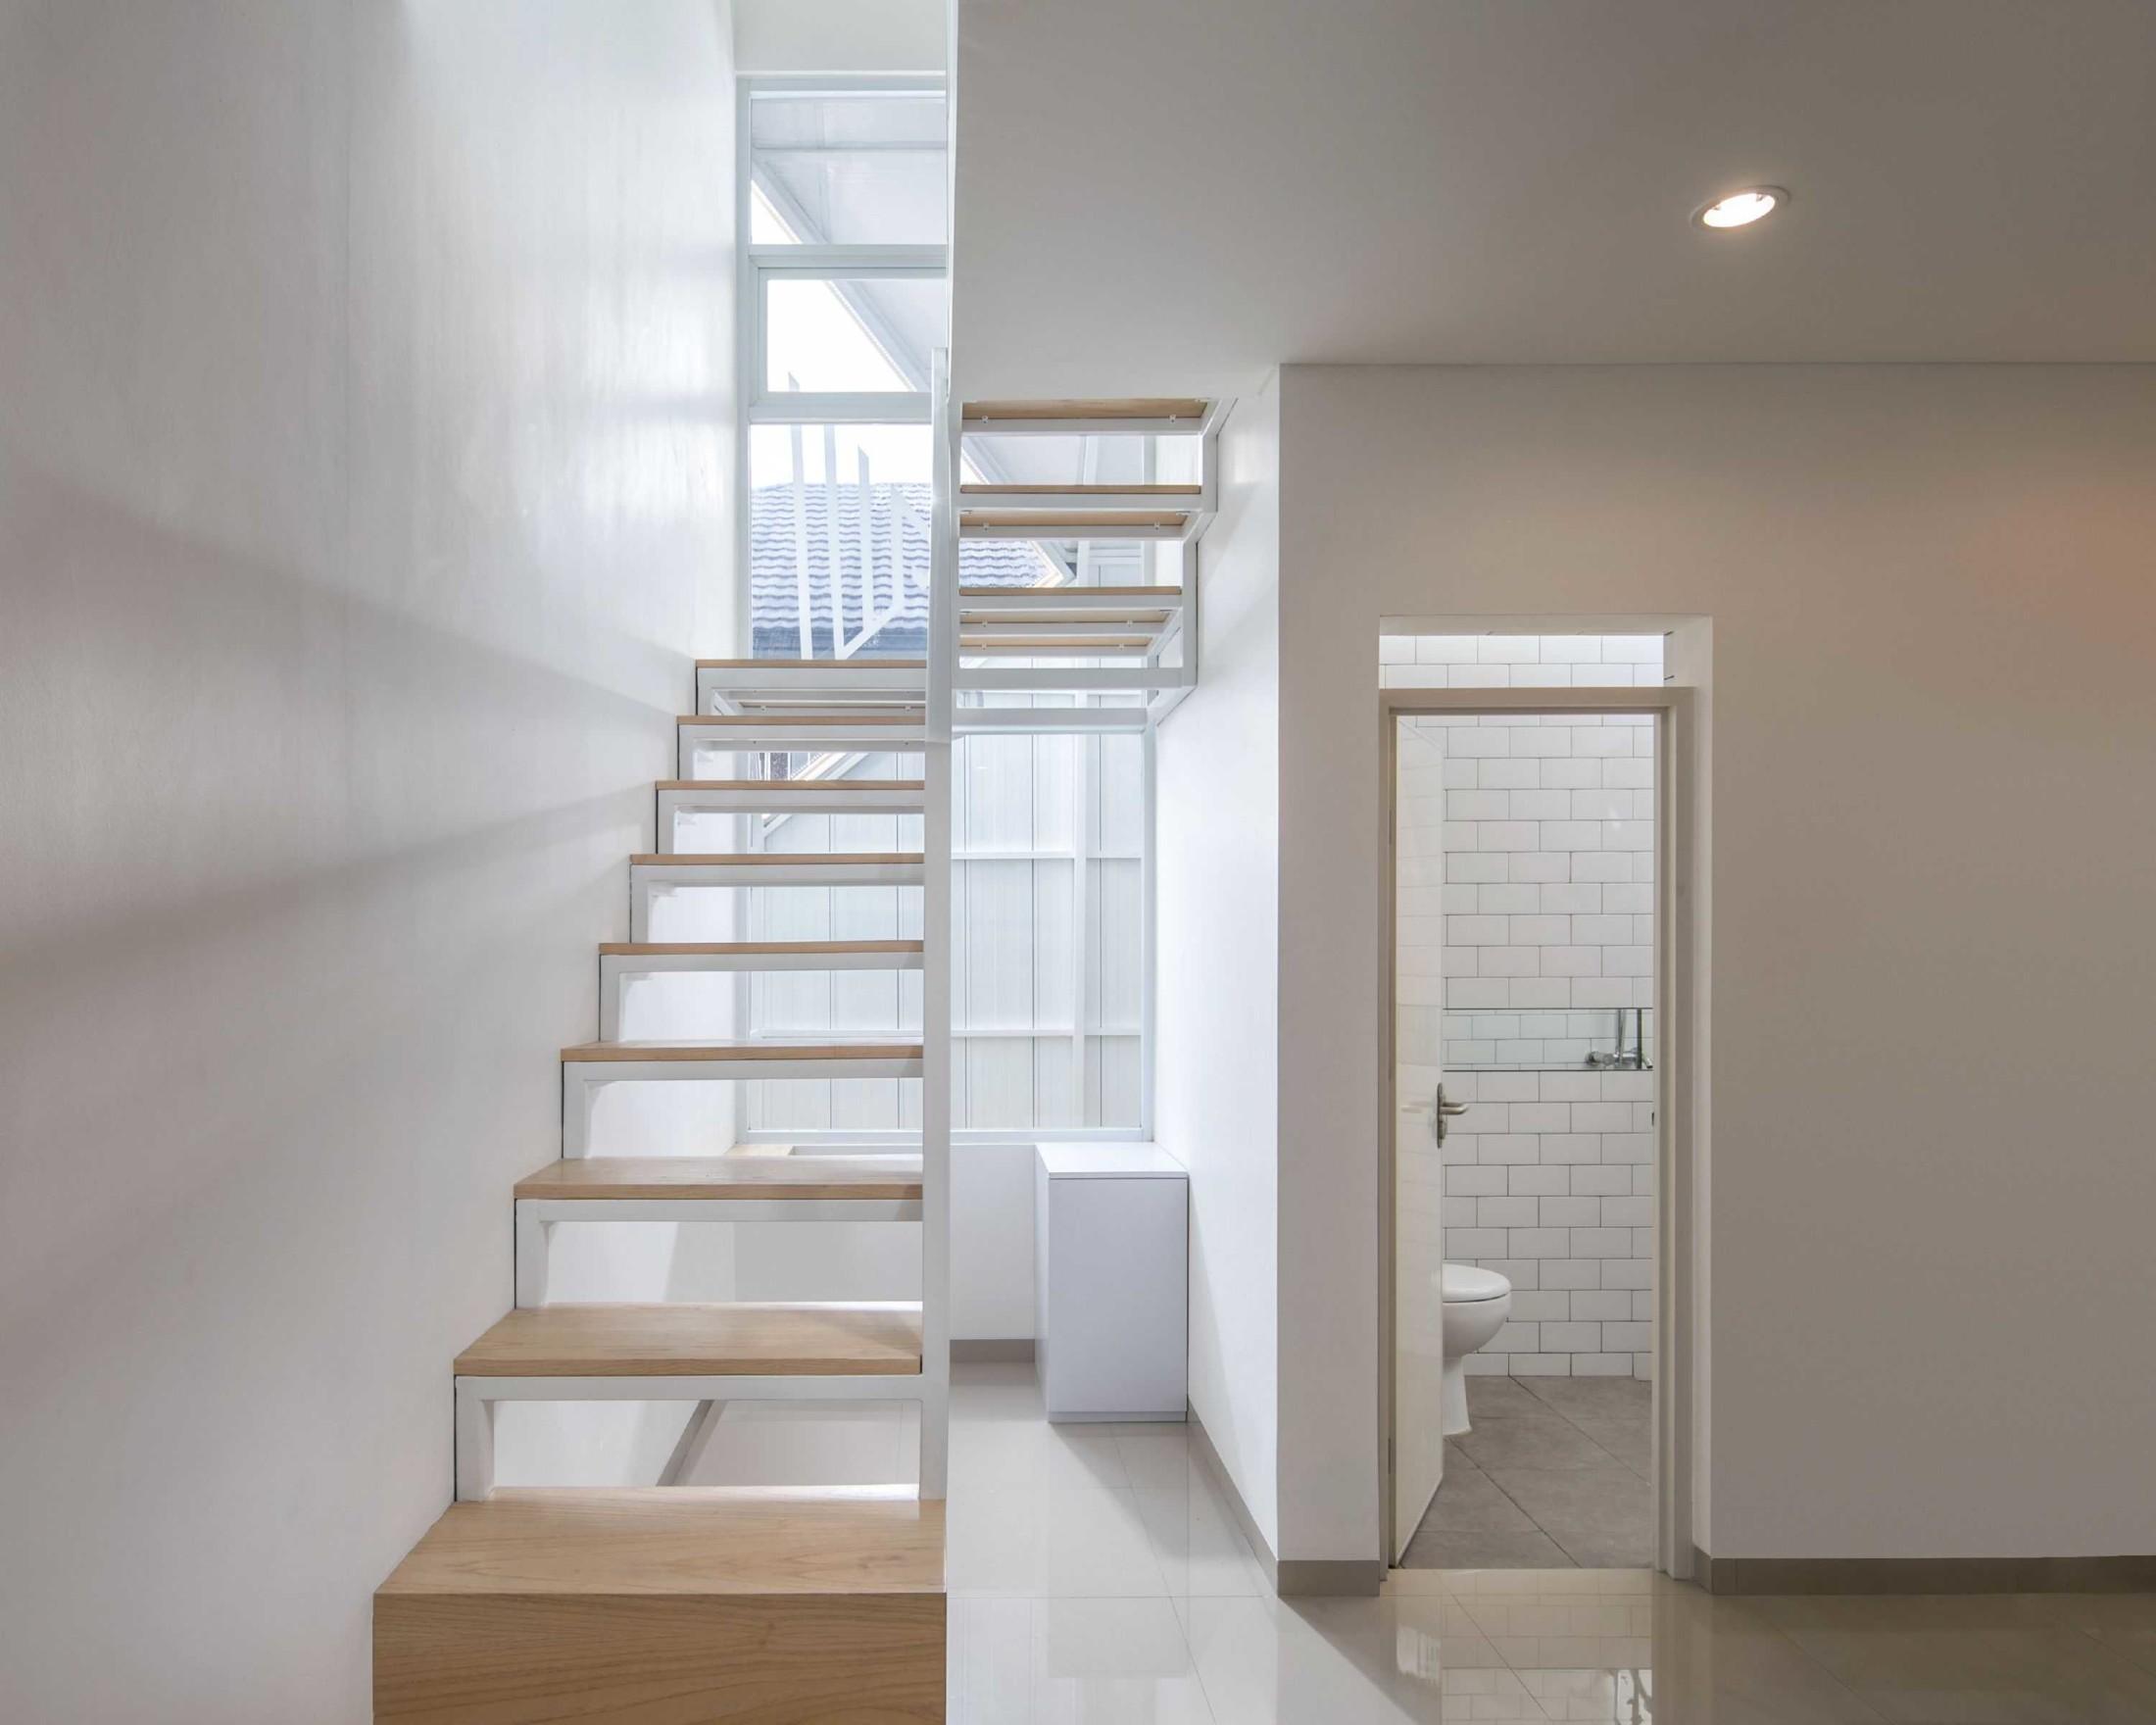 Bagian tangga harus terang untuk segi keamanan dan kesehatan (Sumber: arsitag.com)